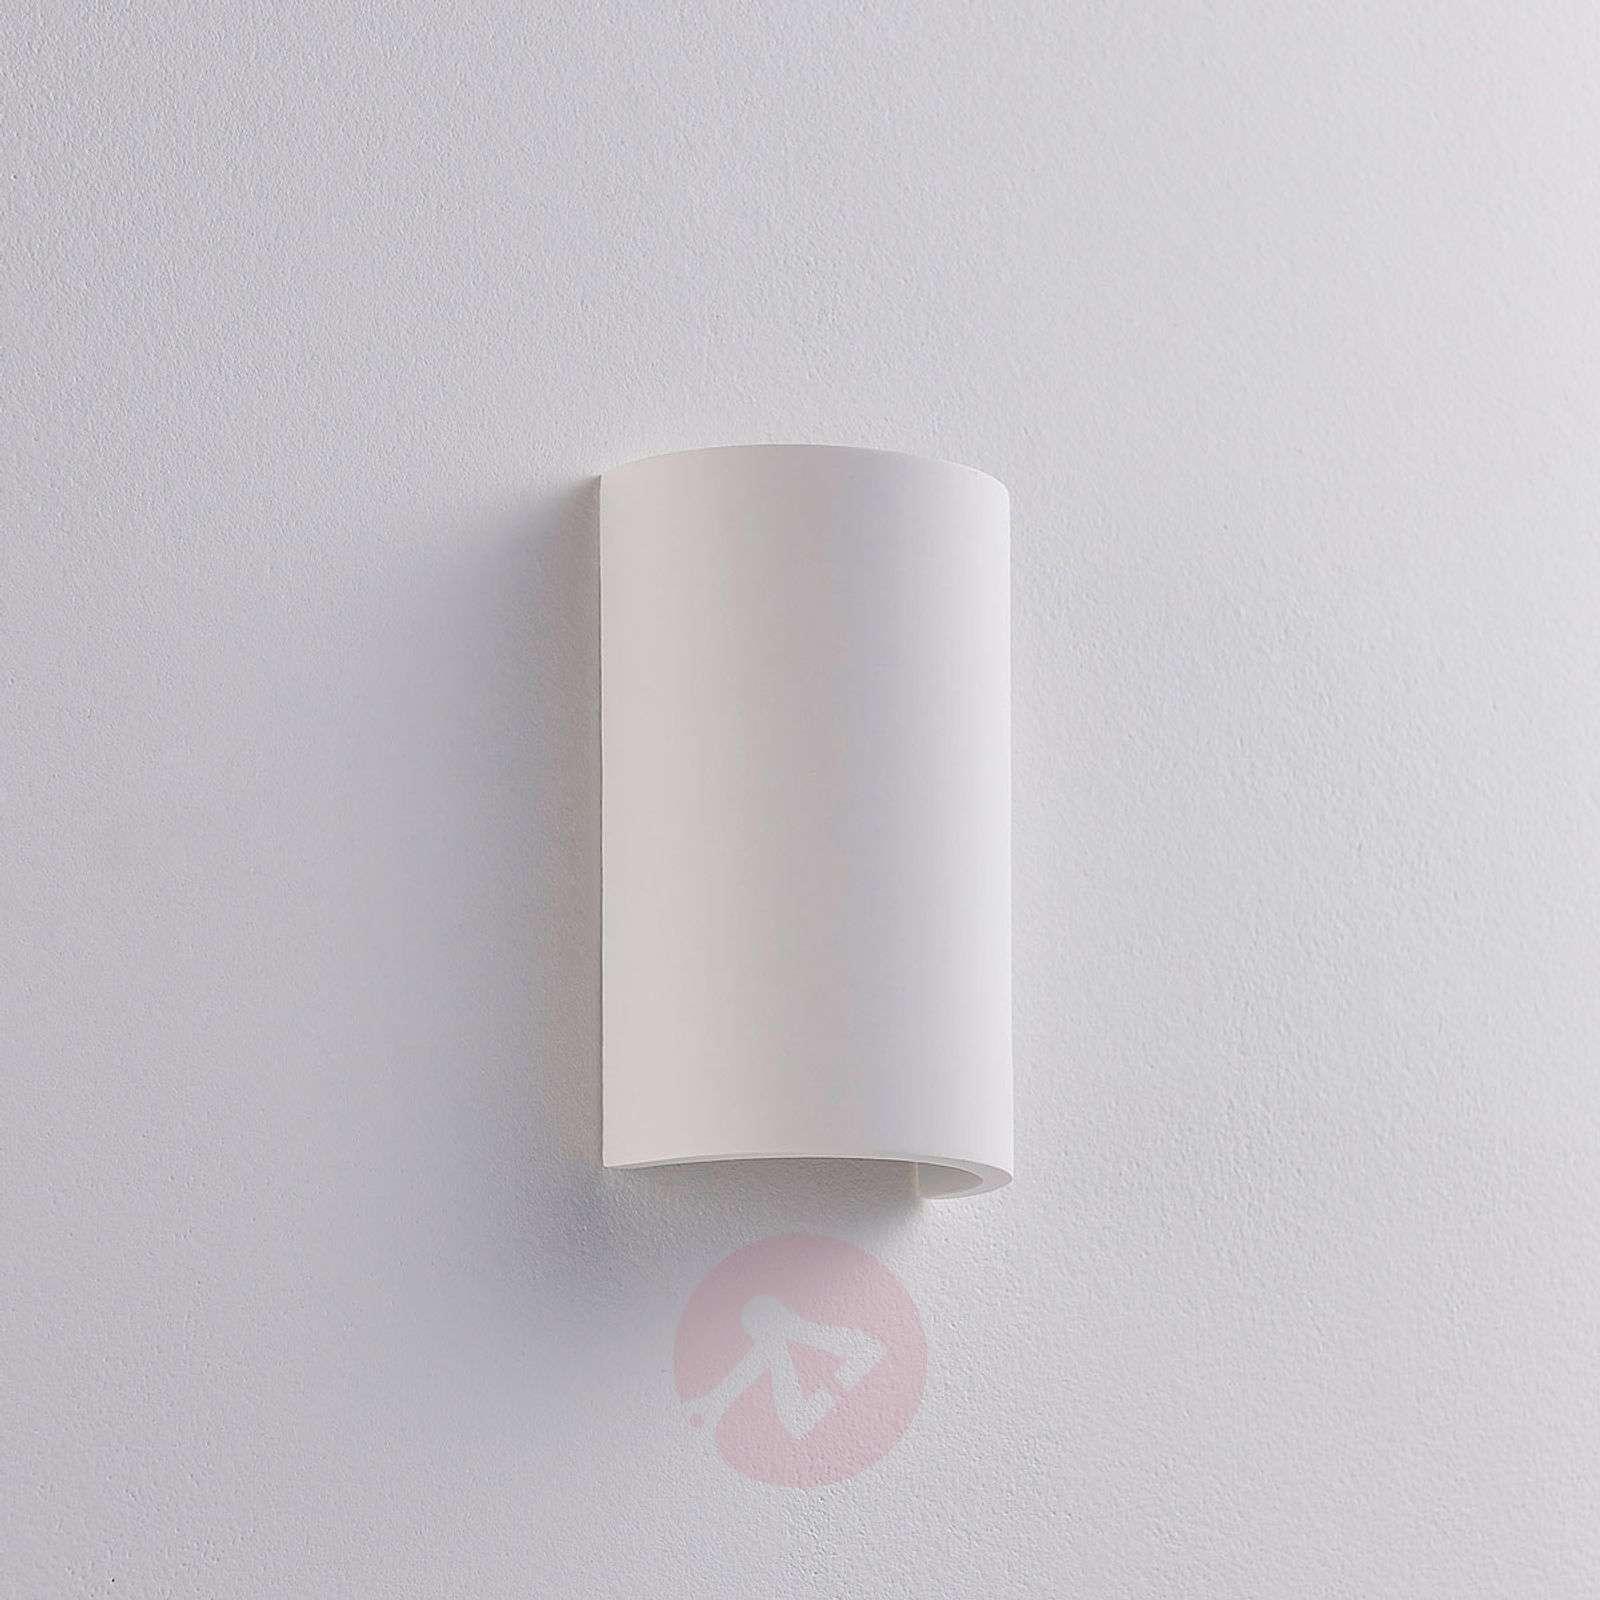 Tehokas LED-kipsilevyseinävalaisin Jenke-9621368-01